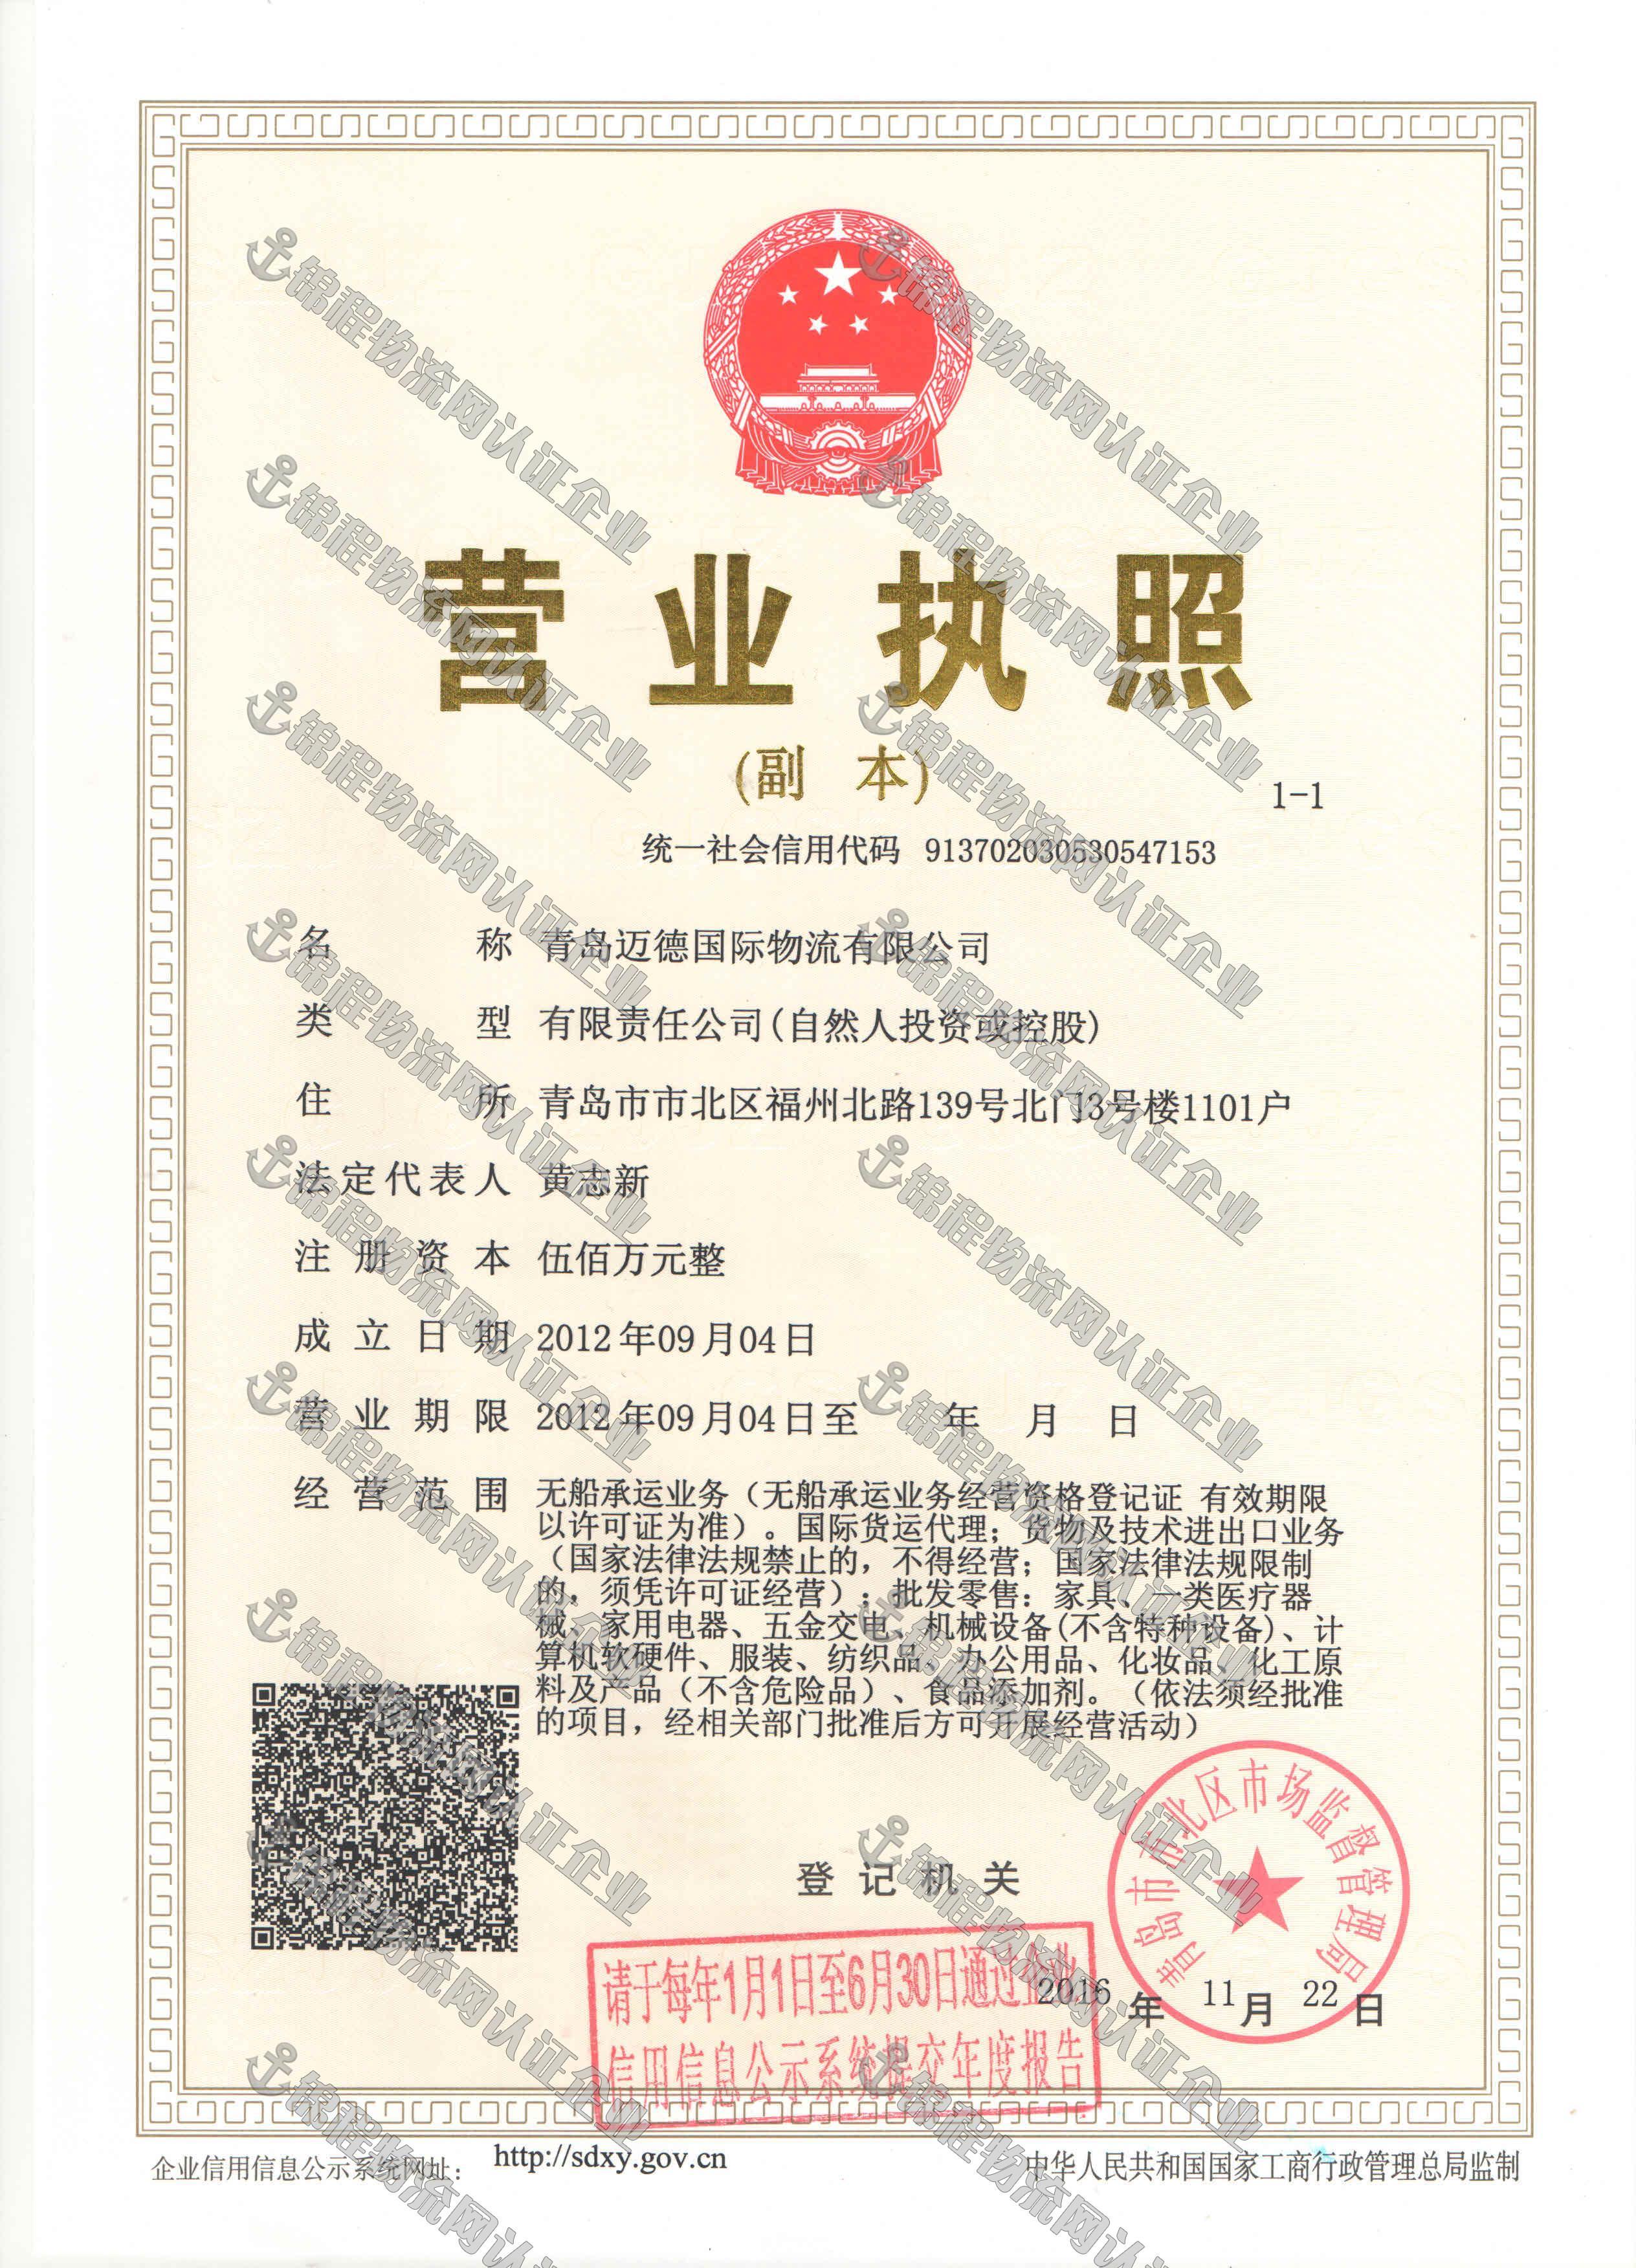 青岛迈德国际物流有限公司 市北区福州北路-公司介绍